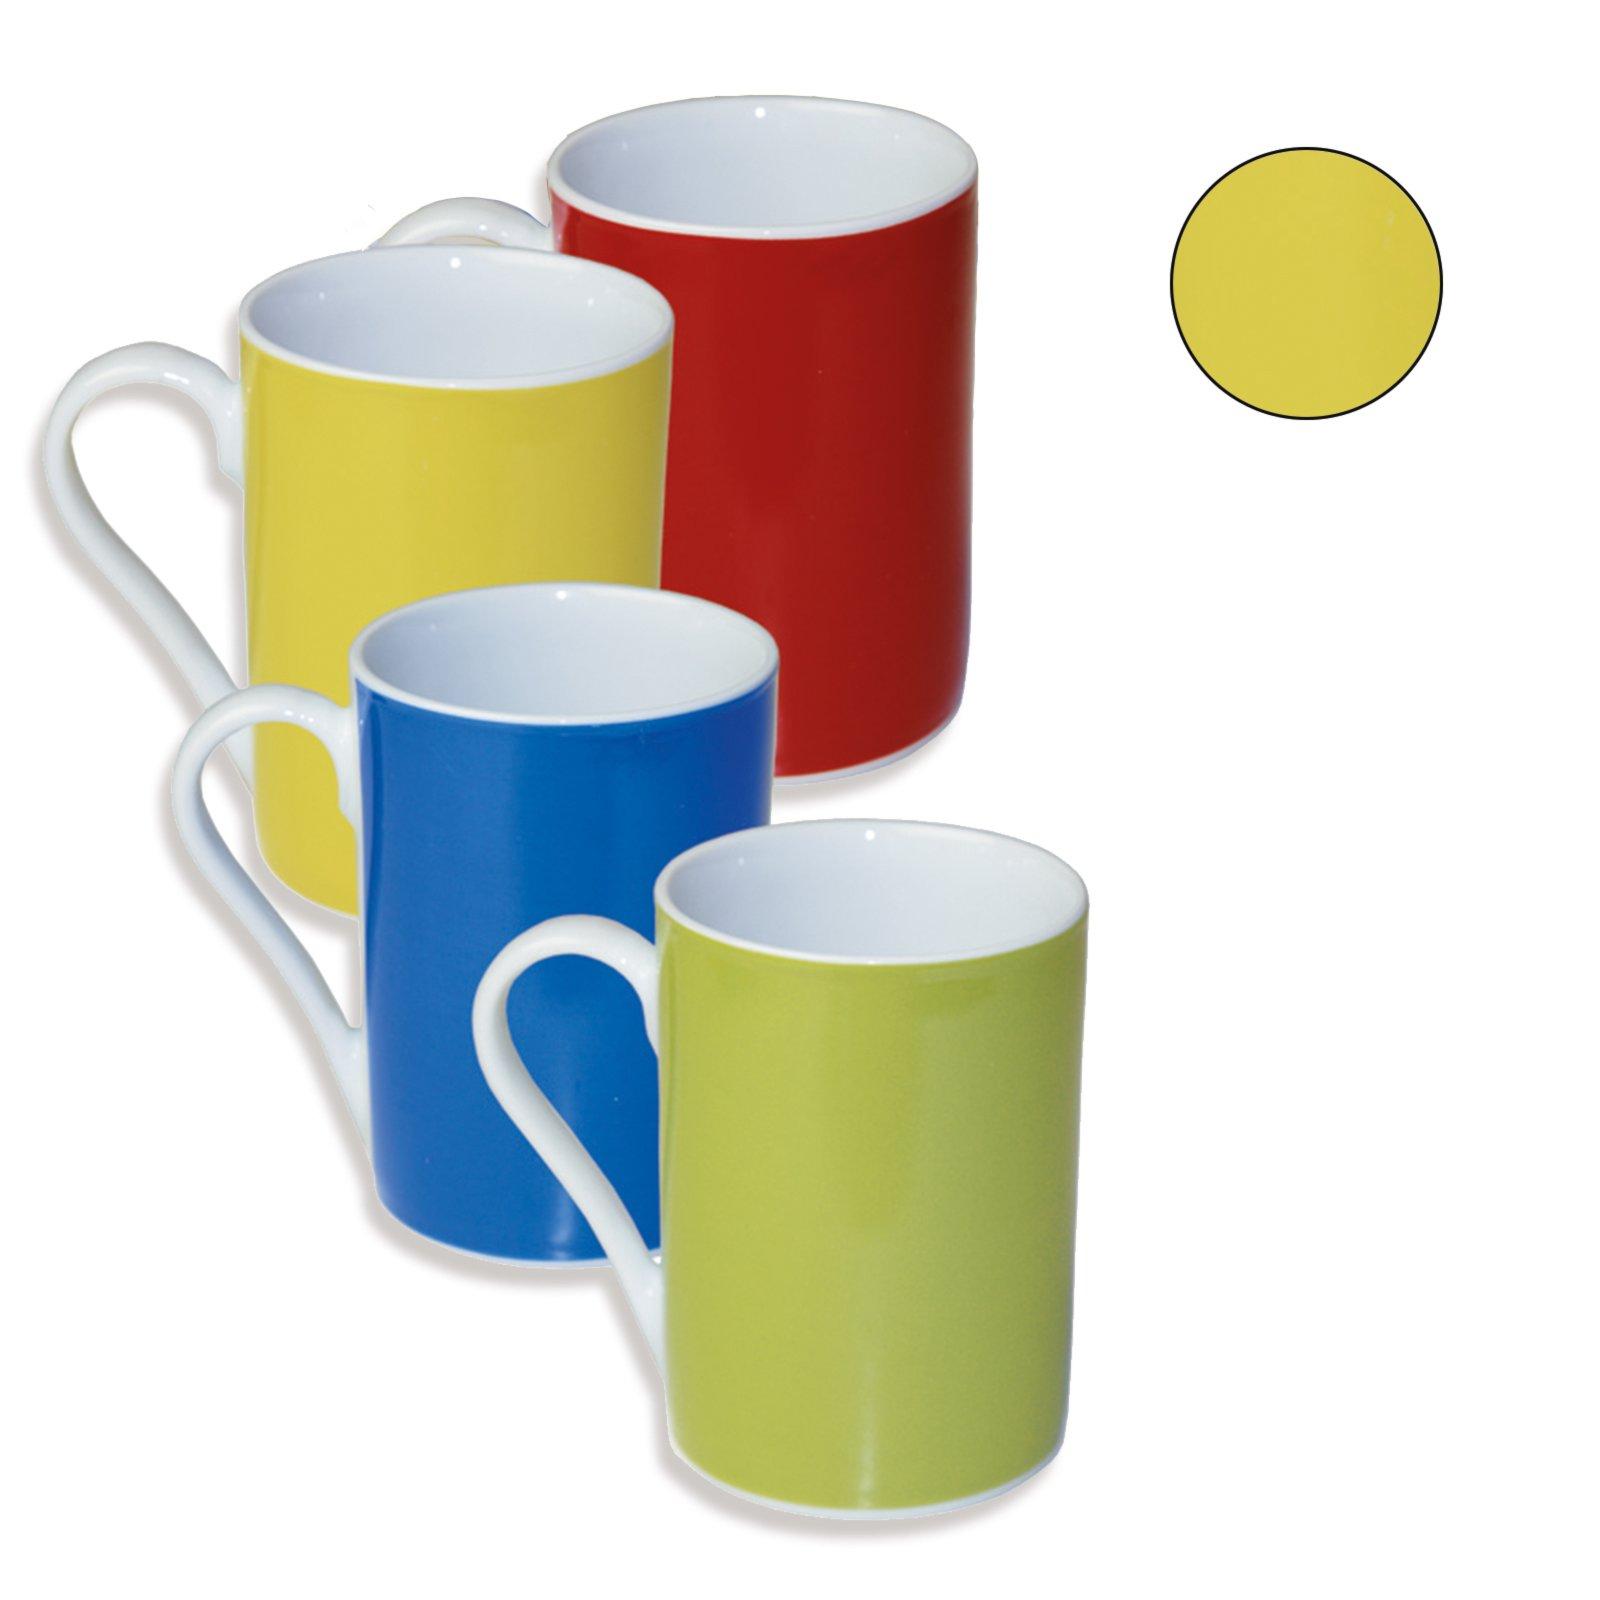 kaffeebecher allegra gelb porzellan geschirr haushalts k chenzubeh r deko. Black Bedroom Furniture Sets. Home Design Ideas